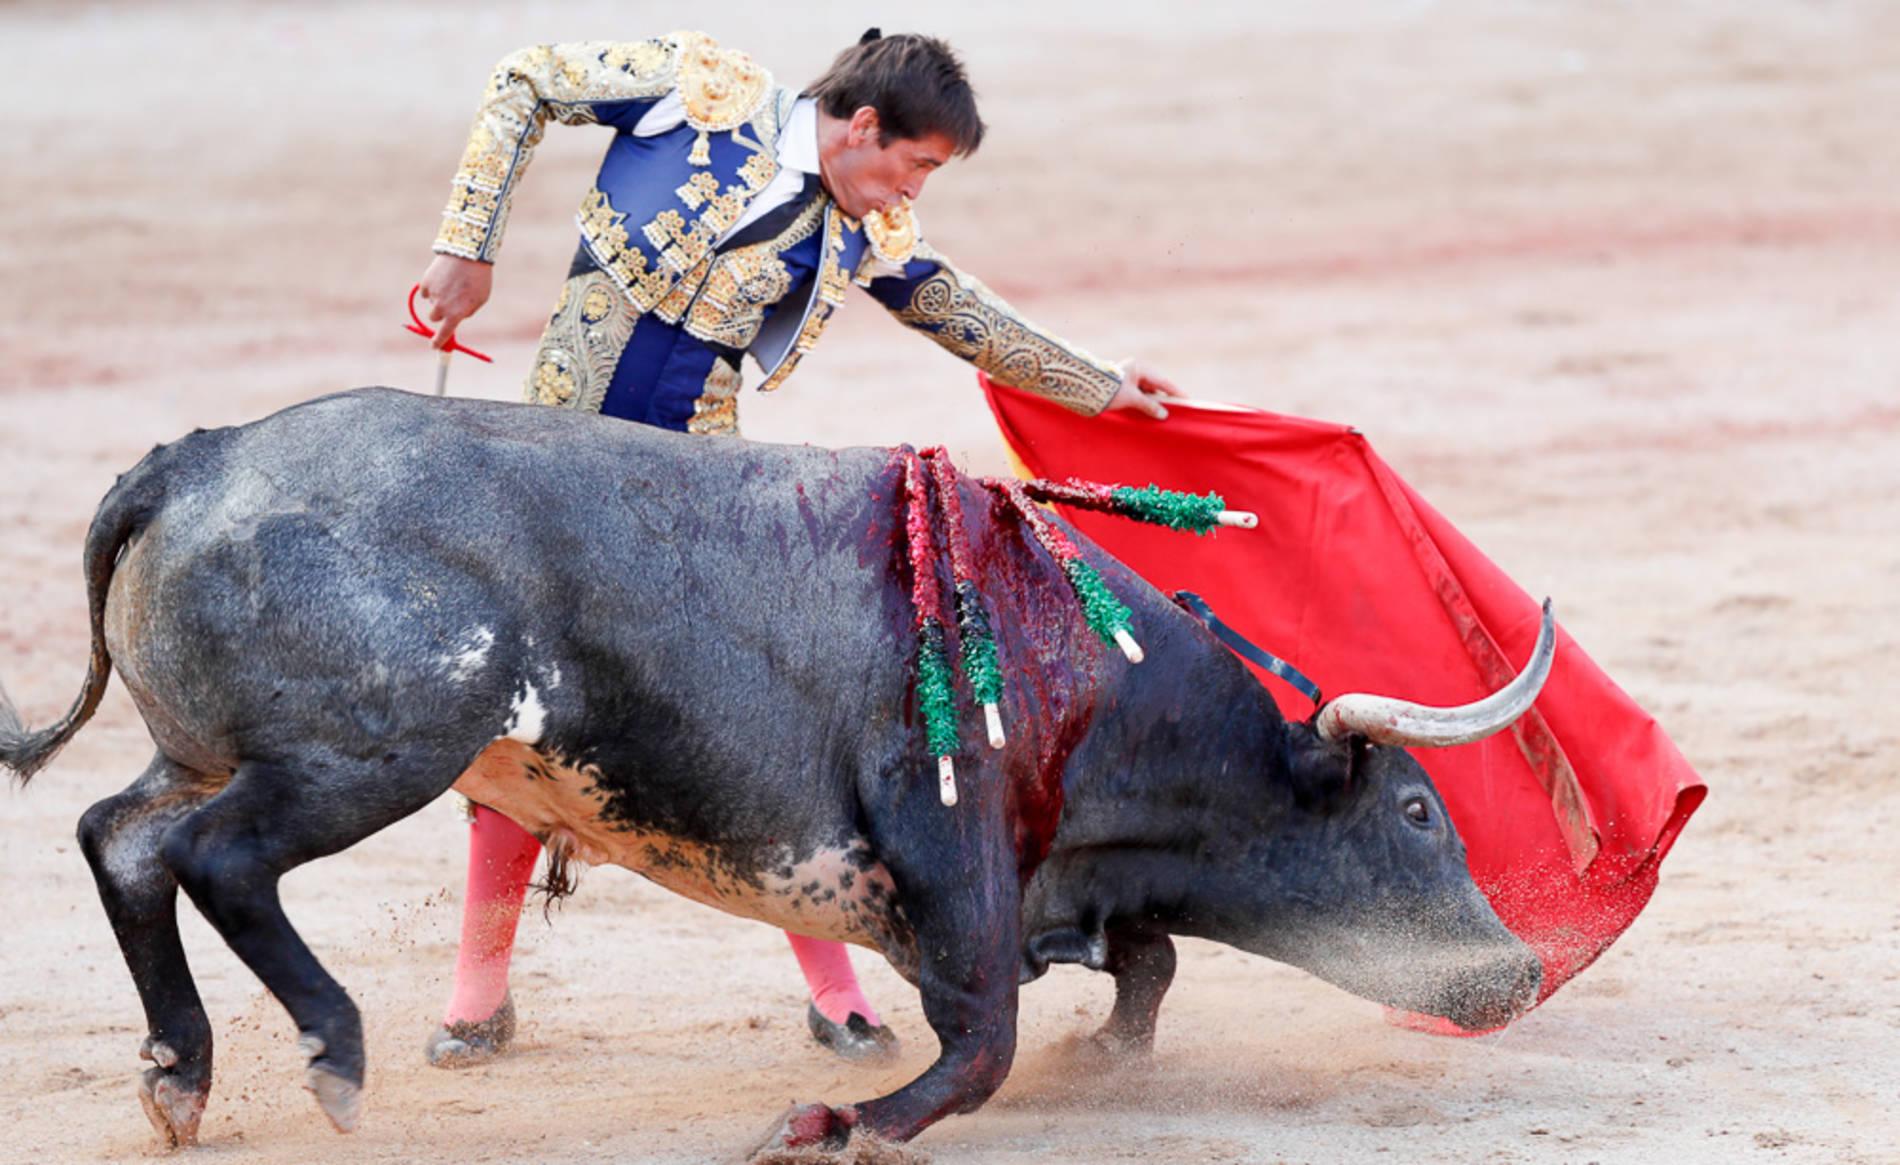 Última corrida de la Feria del Toro 2016 con toros de la ganadería Miura para los diestros Rafaelillo, Dávila Miura y Castaño.